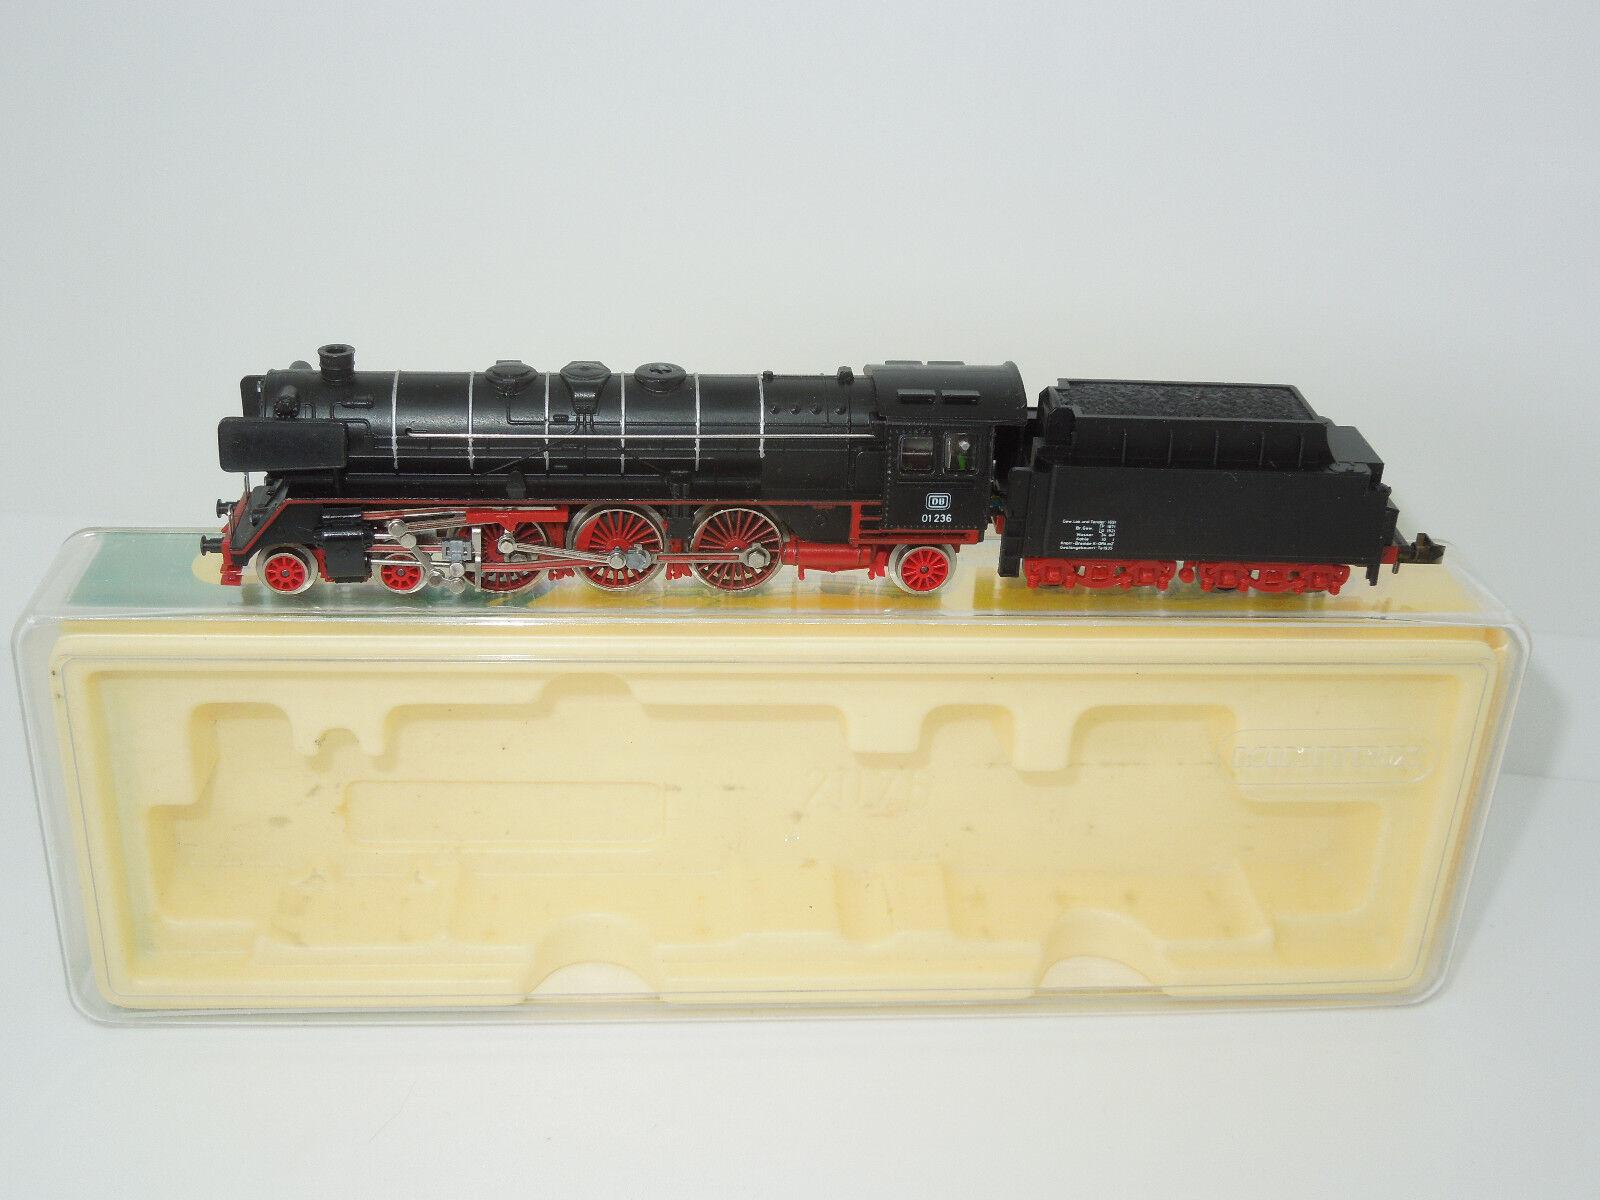 Minitrix pista n 2076 máquina de vapor br 01 de la DB (4)